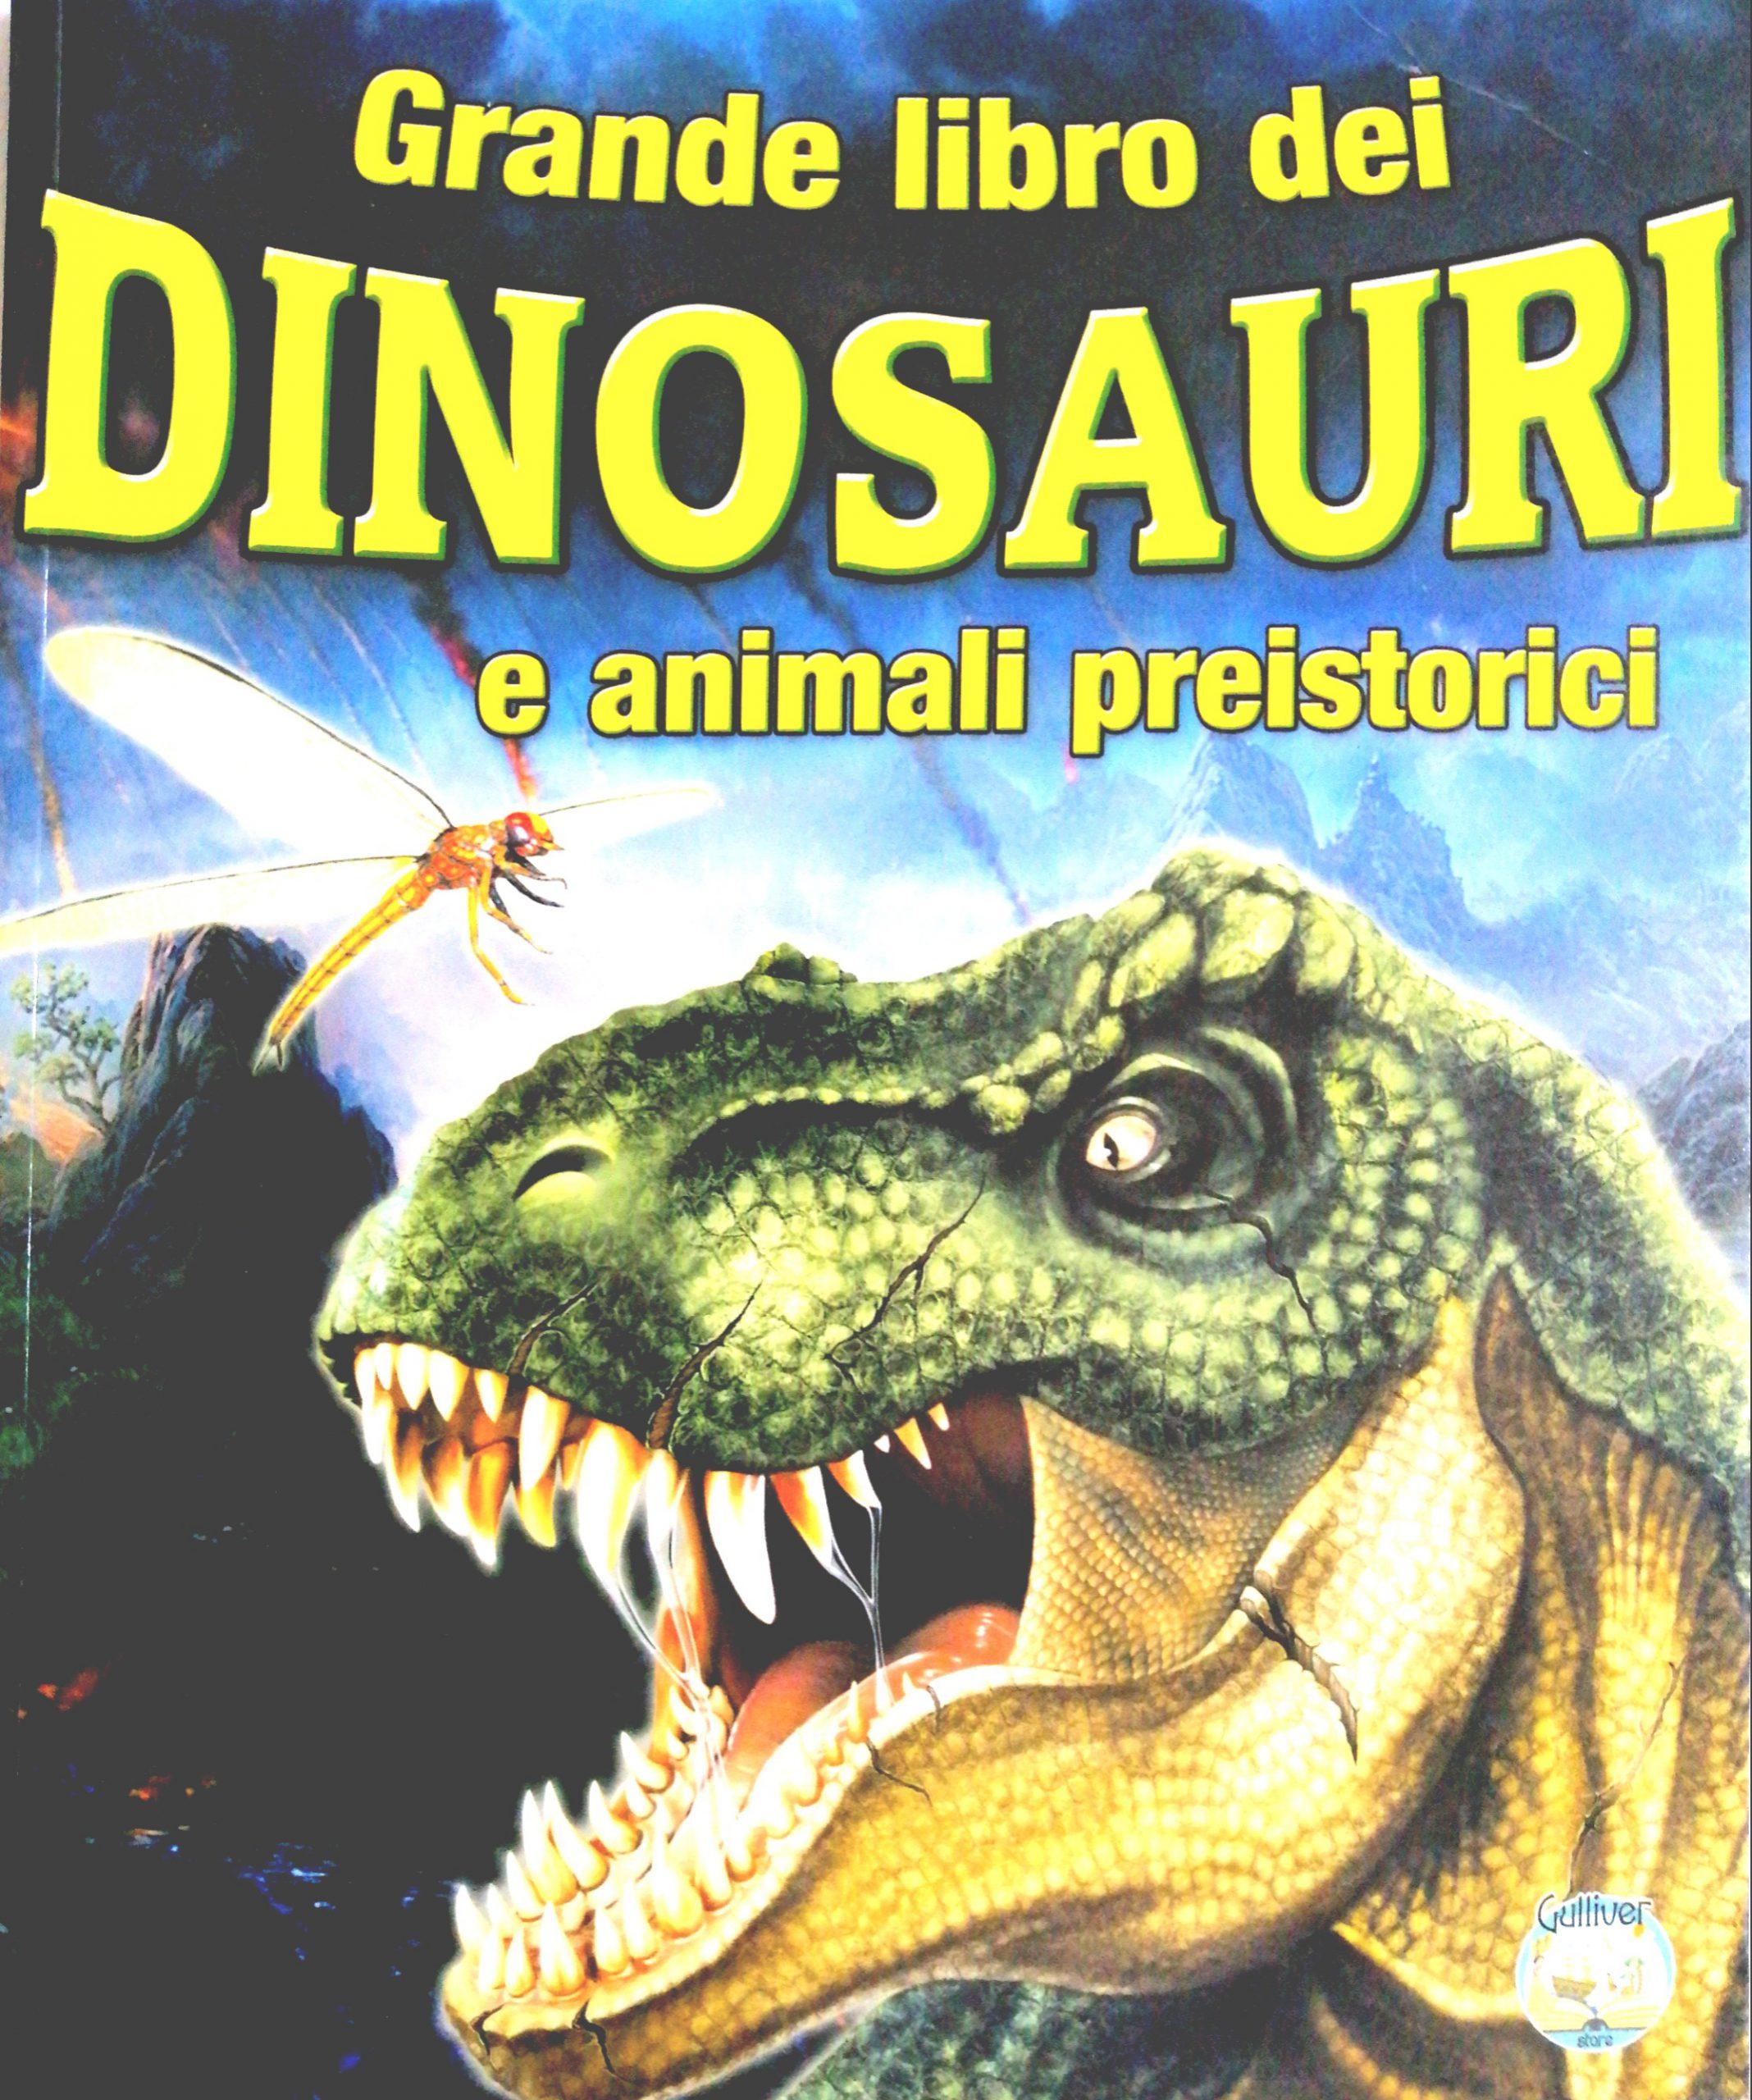 Tutto sui dinosauri